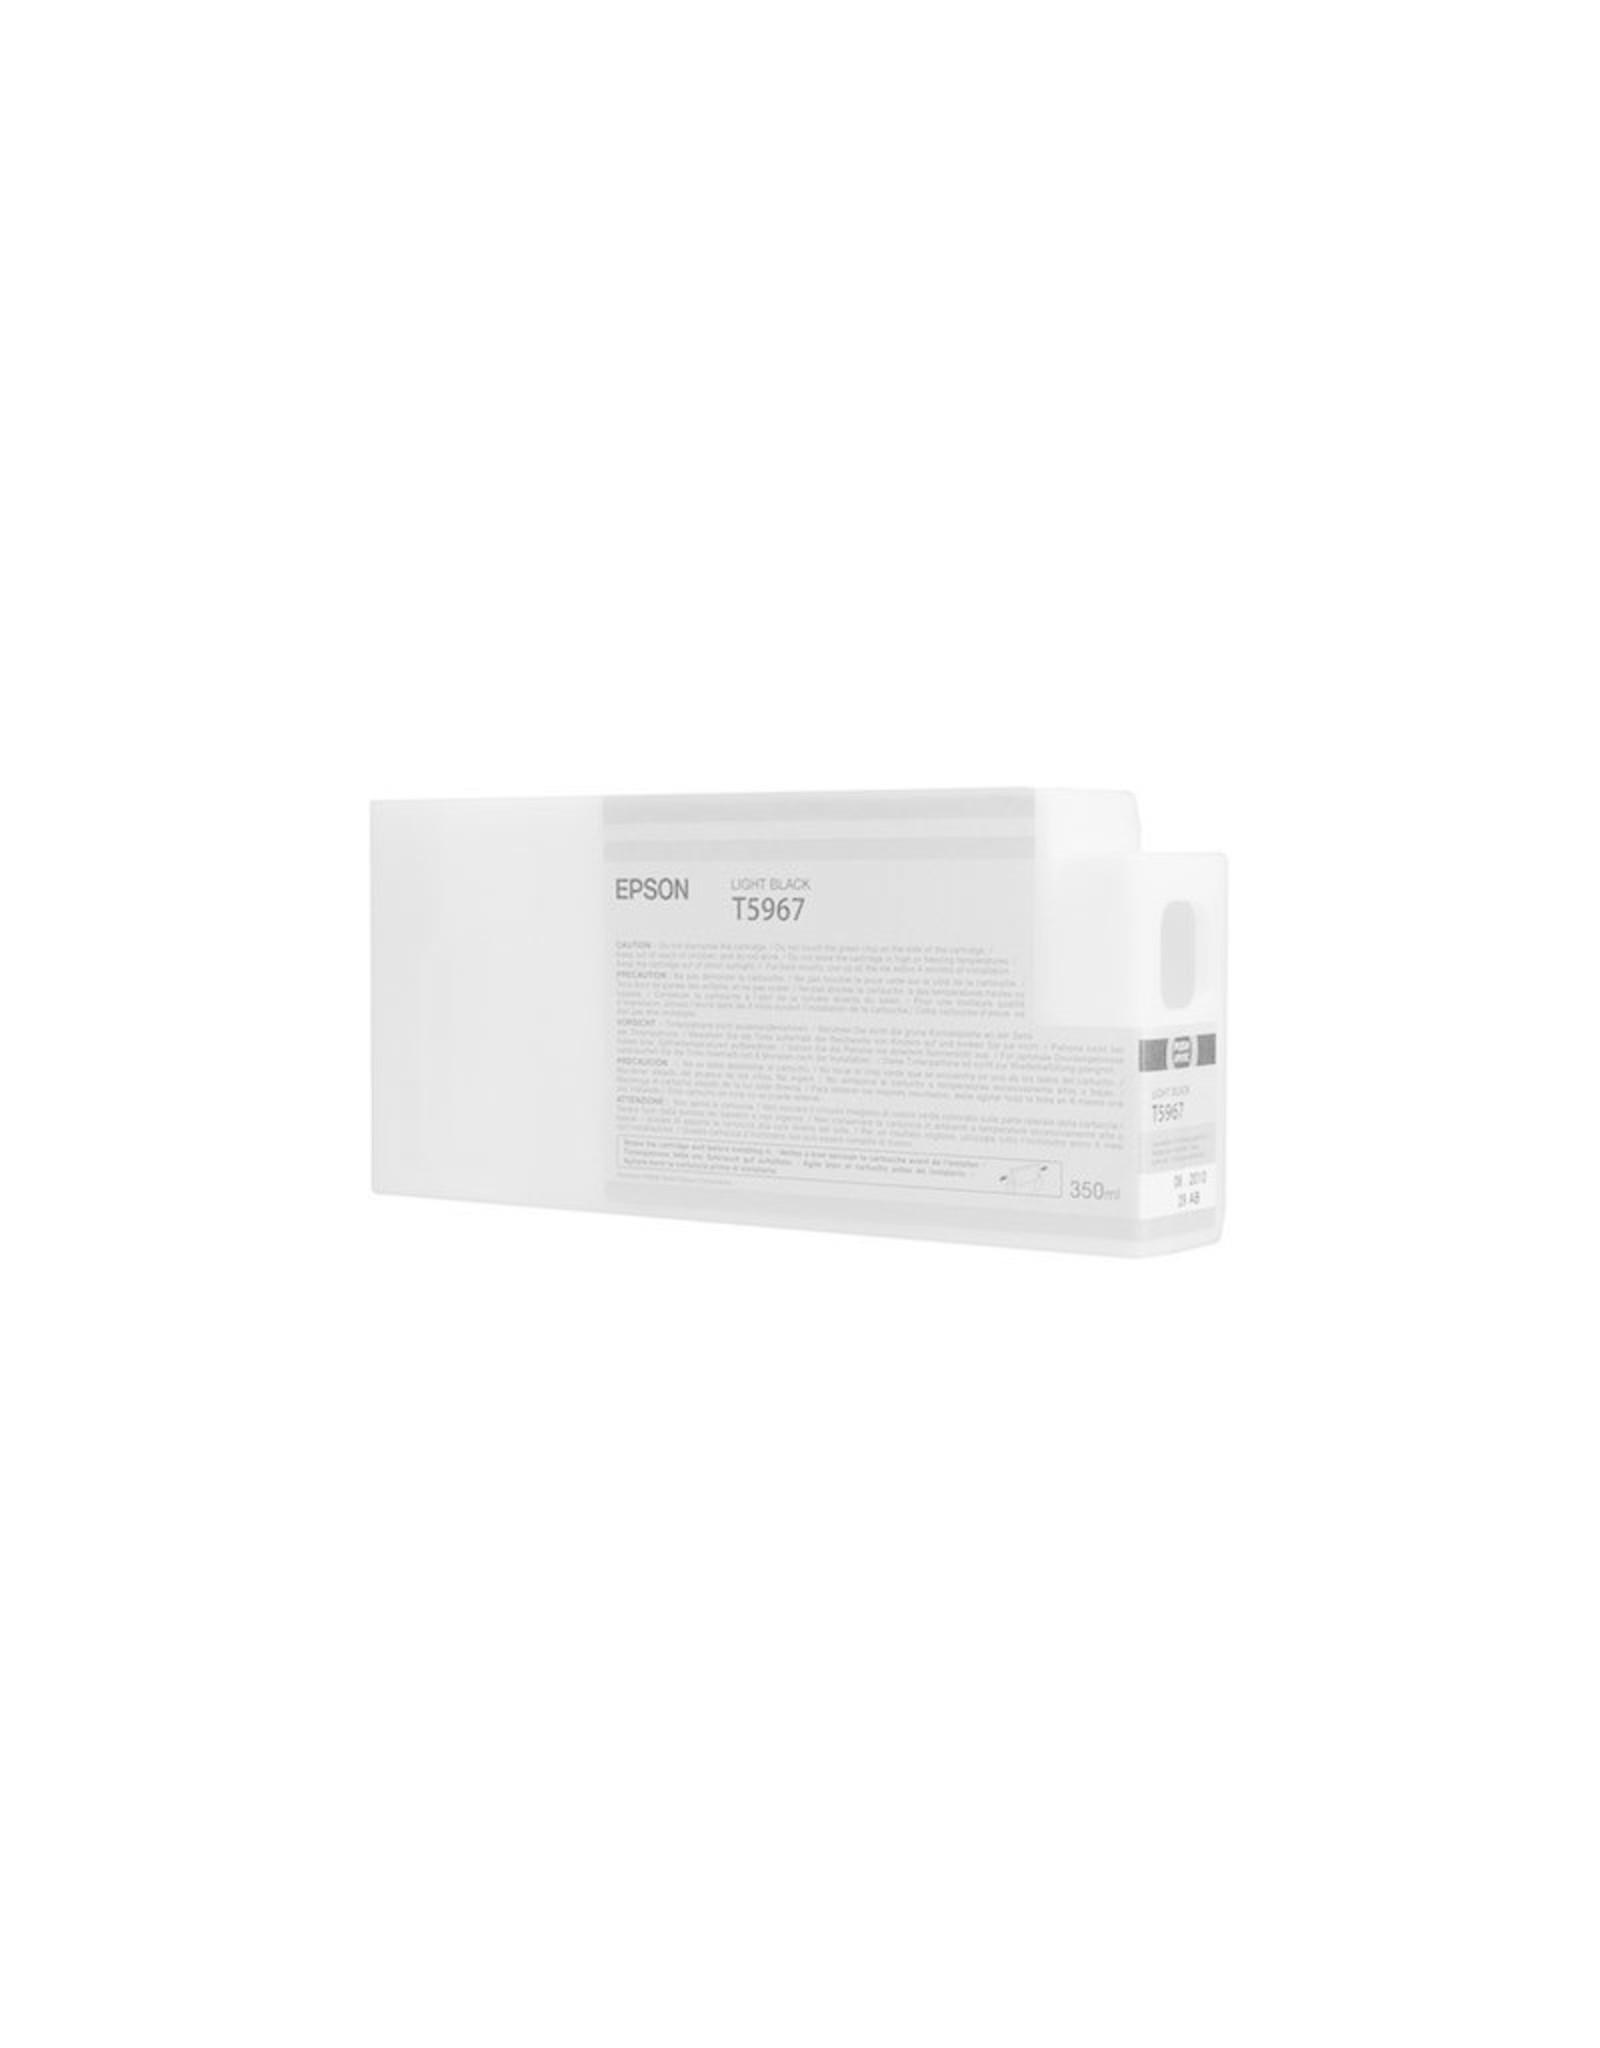 Epson Epson Light black Ultrachrome HDR ink for 9900 - 350ml cartridges